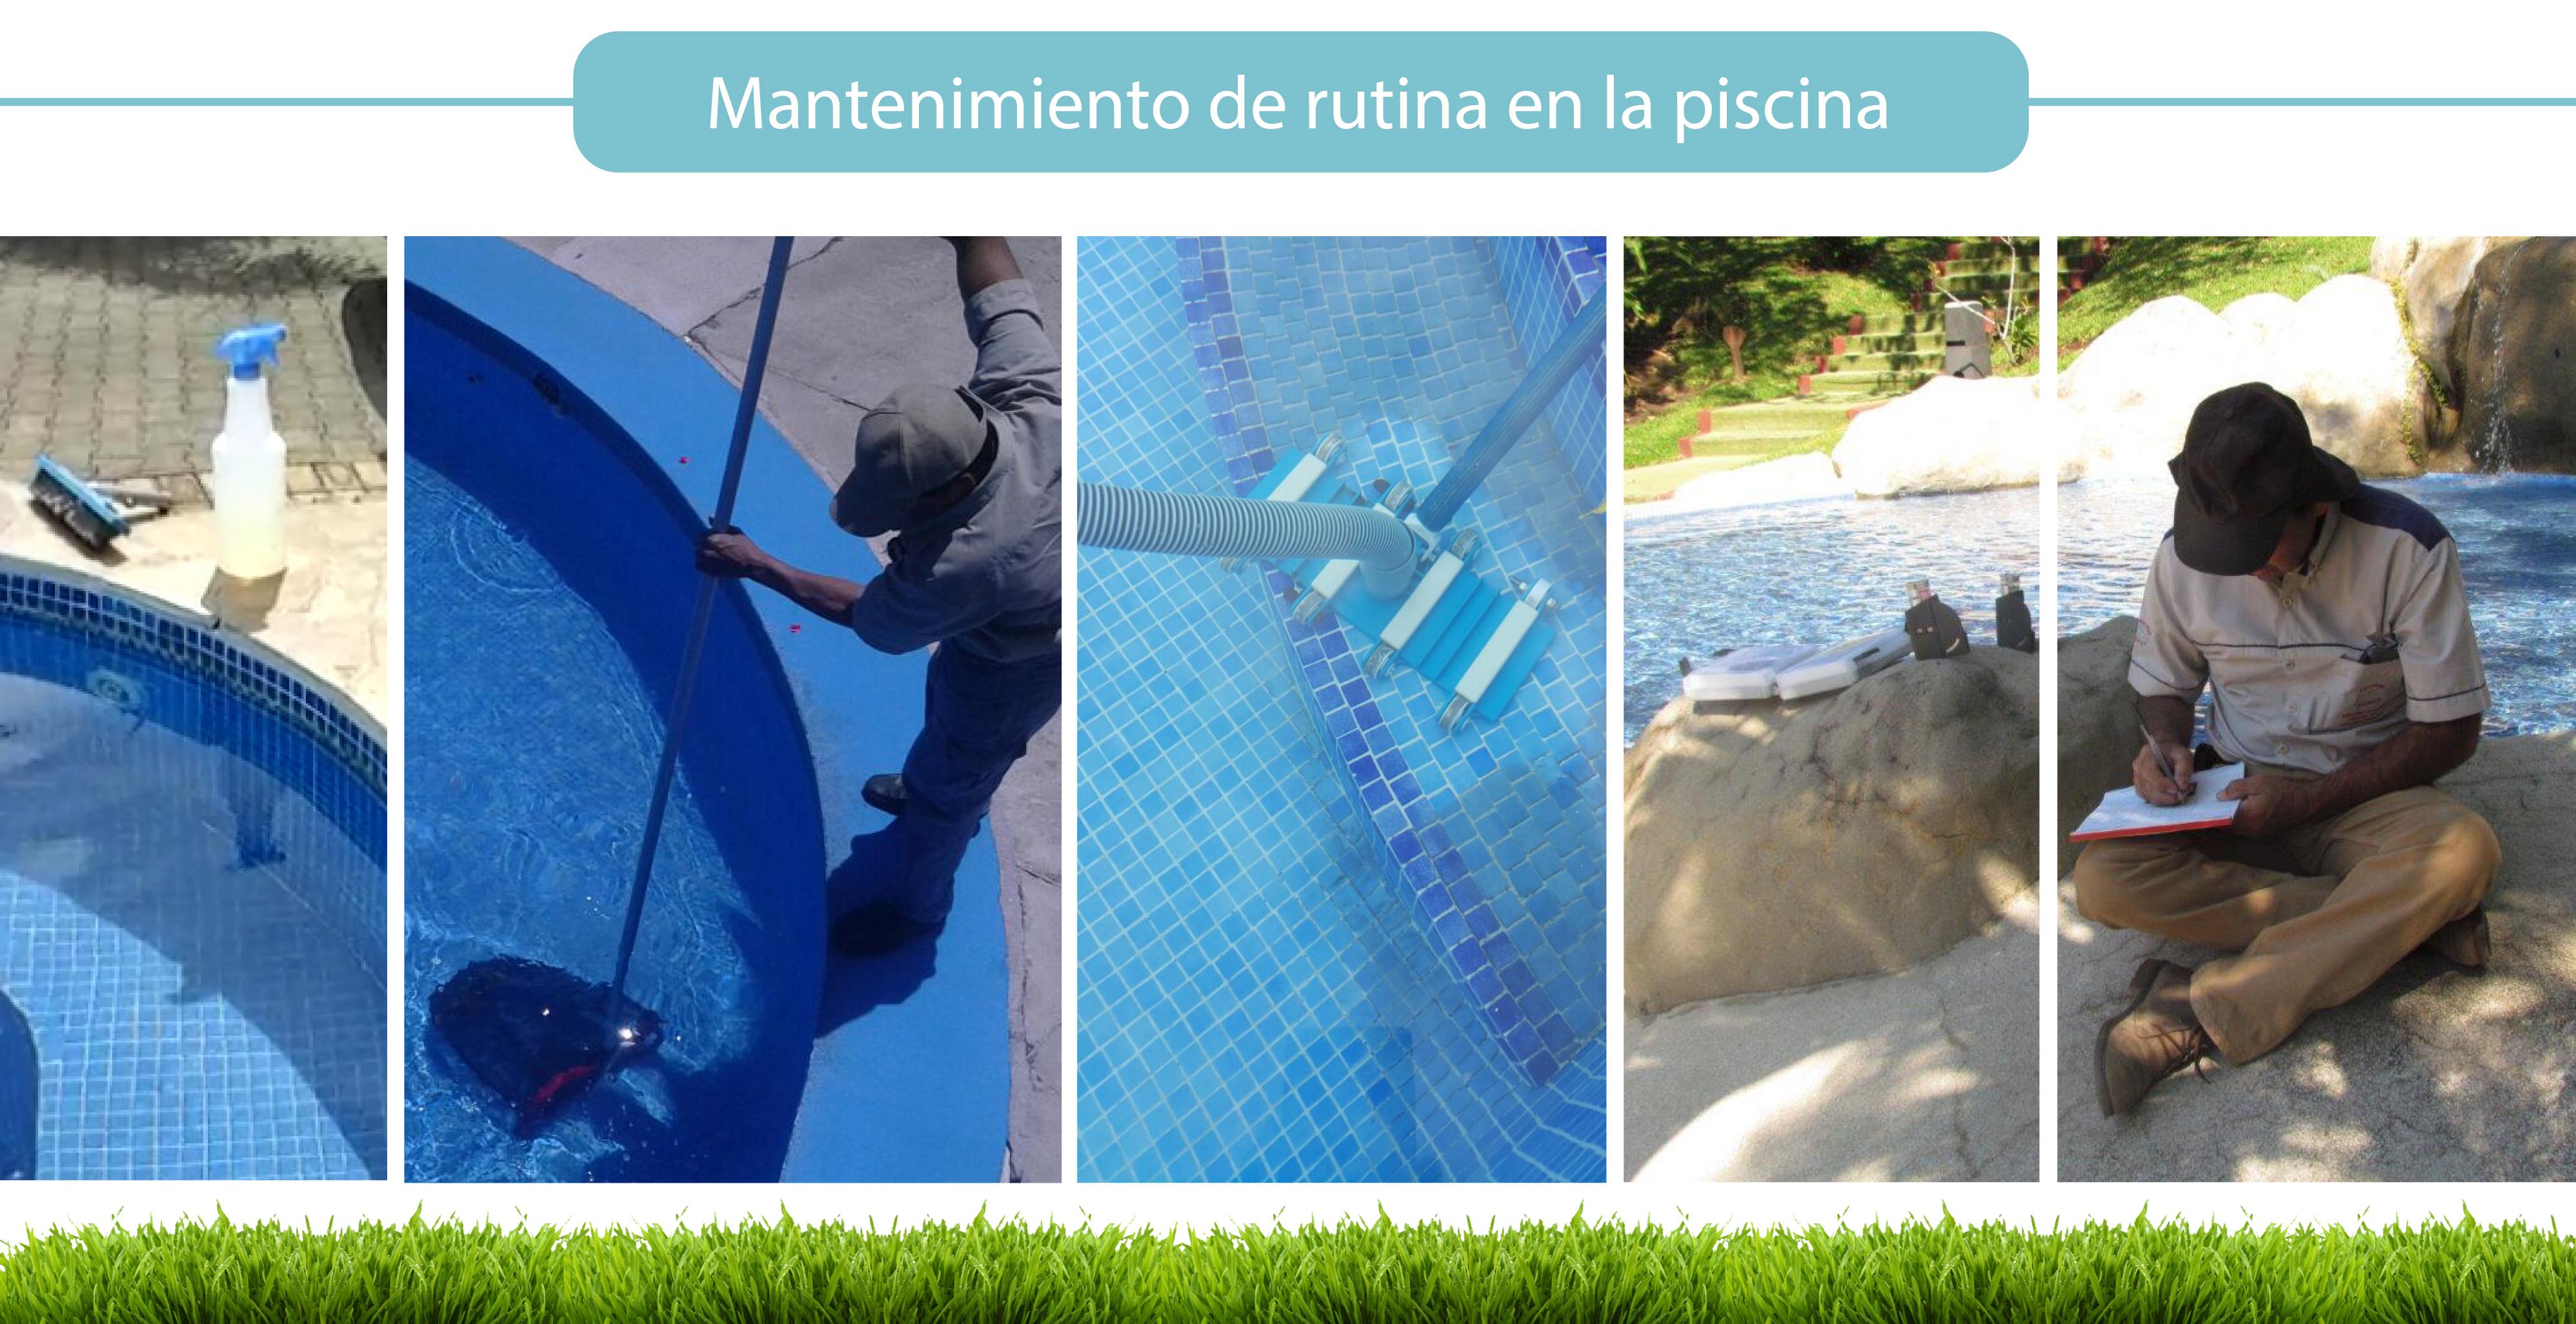 Mantenimiento para piscinas altaq piscinas costa rica - Mantenimiento de piscinas ...